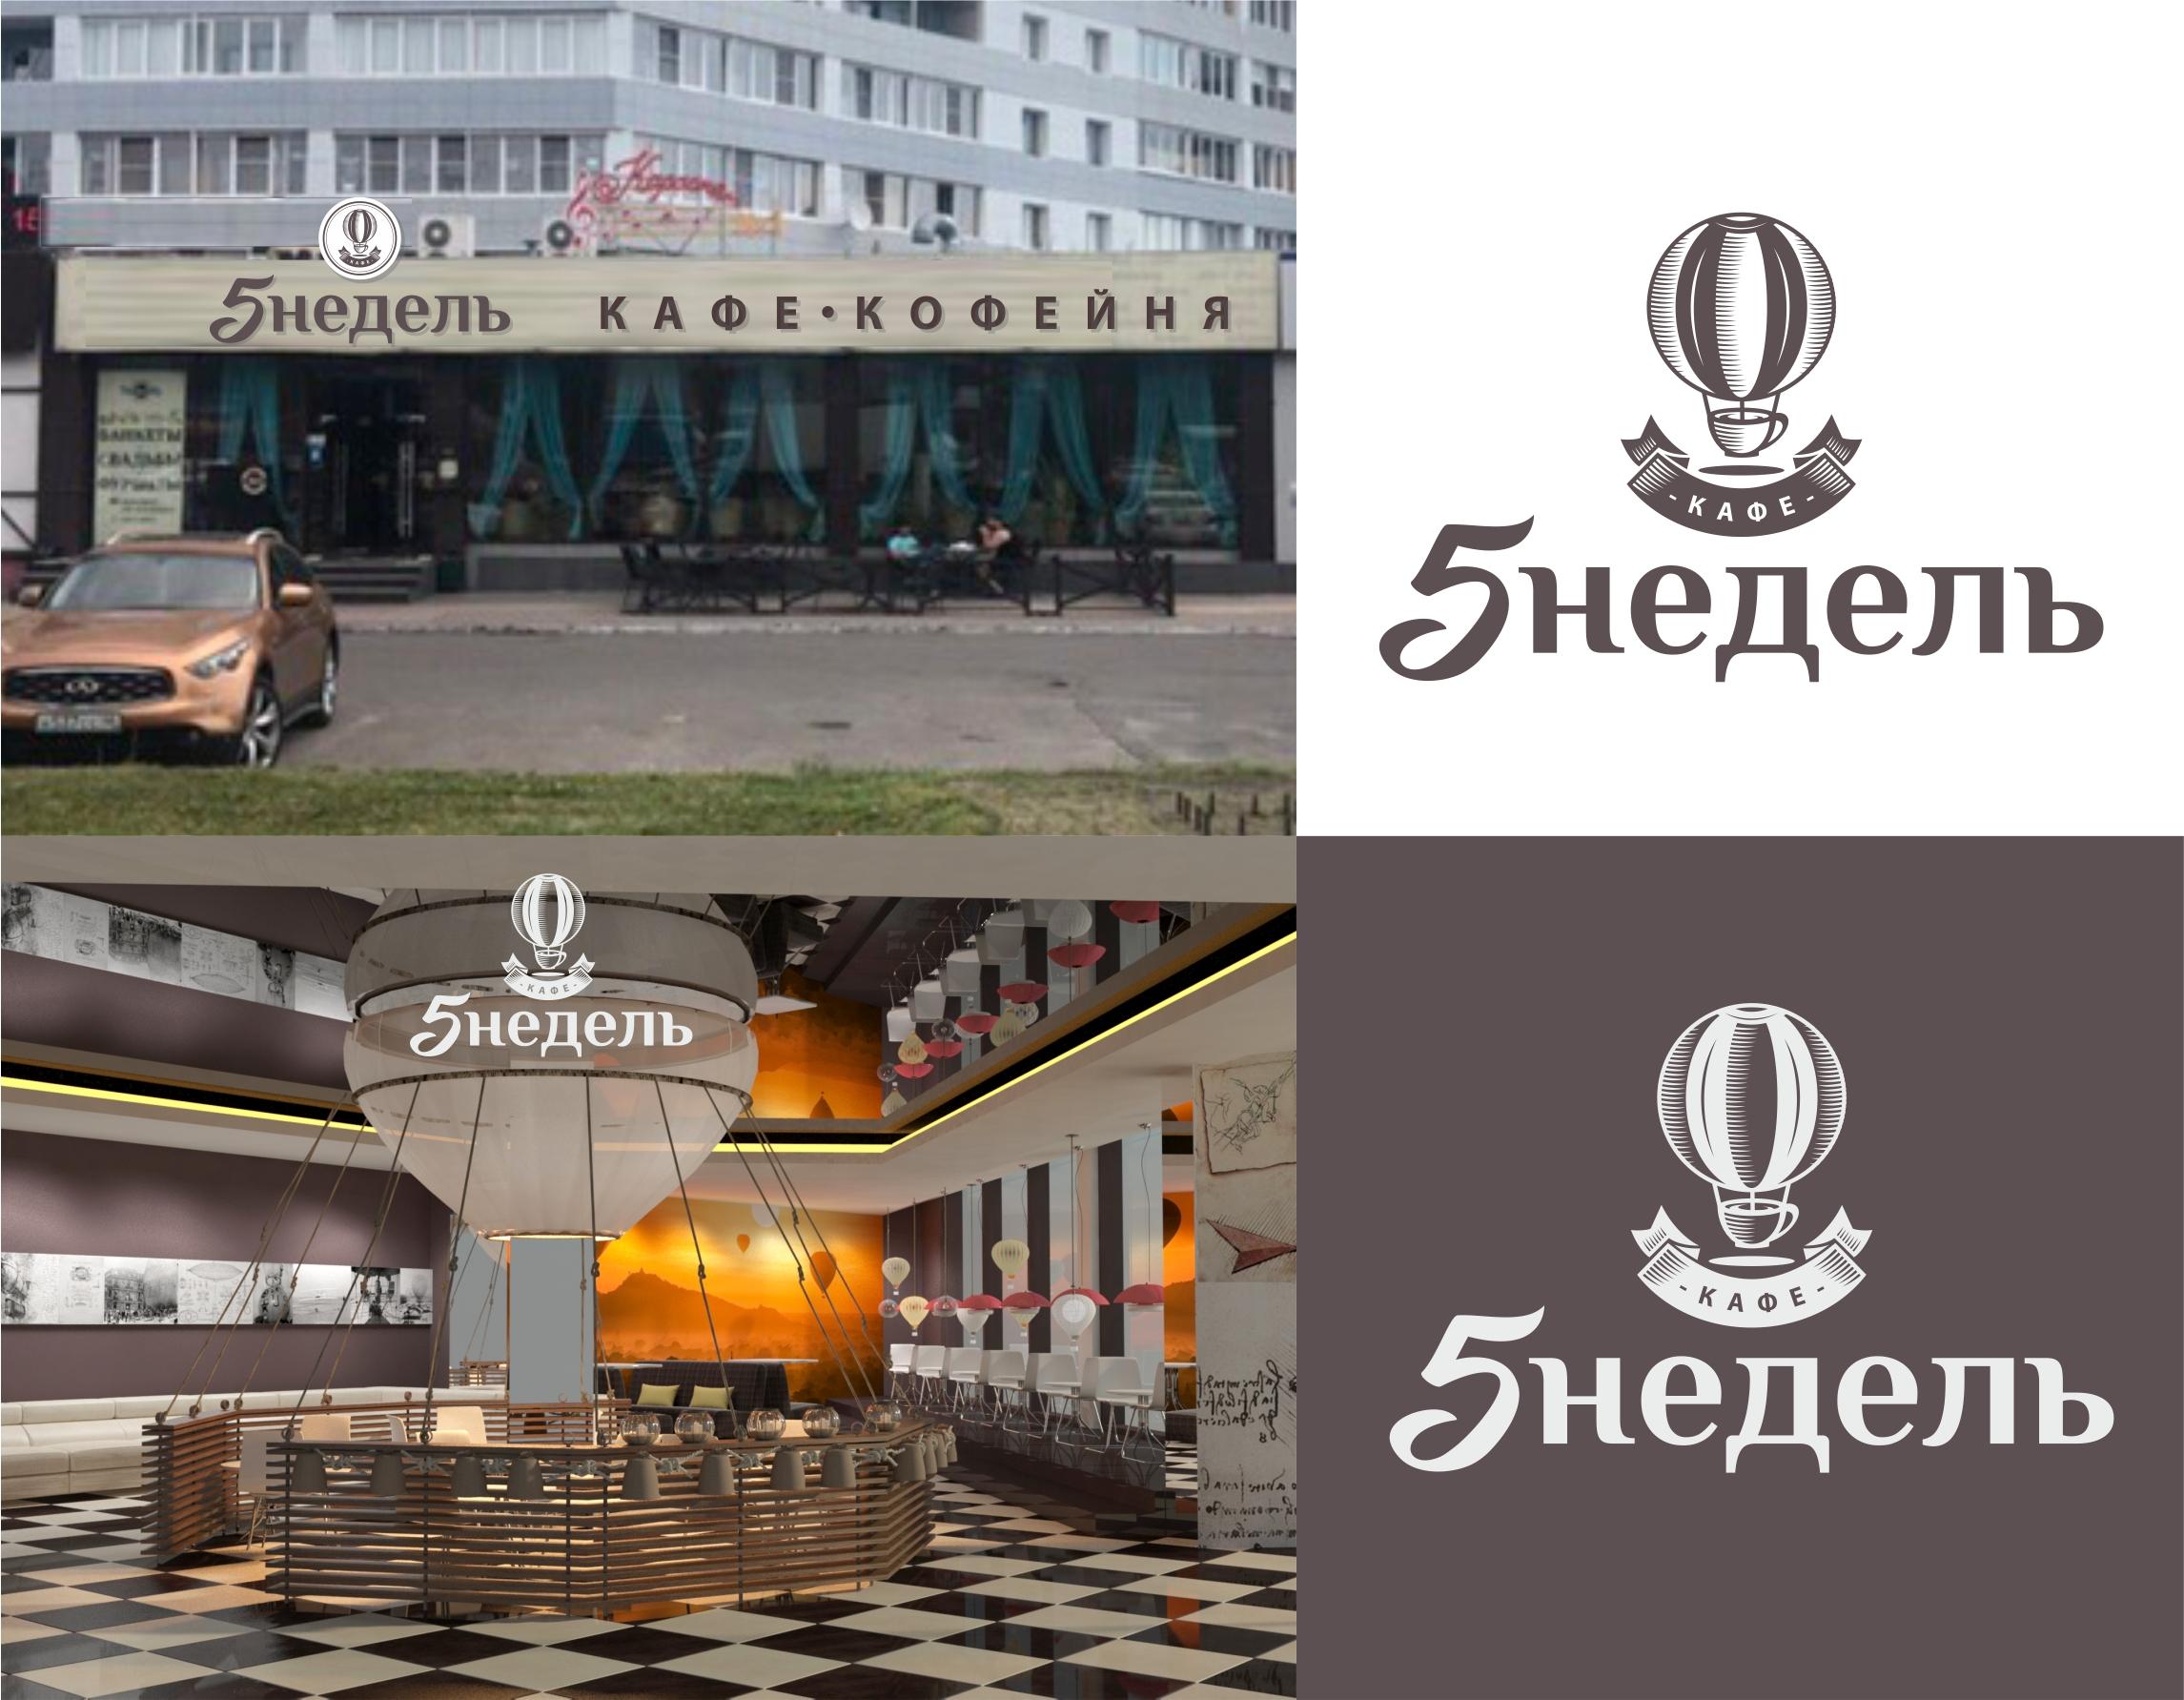 Логотип для кафе фото f_07459b0401498360.jpg